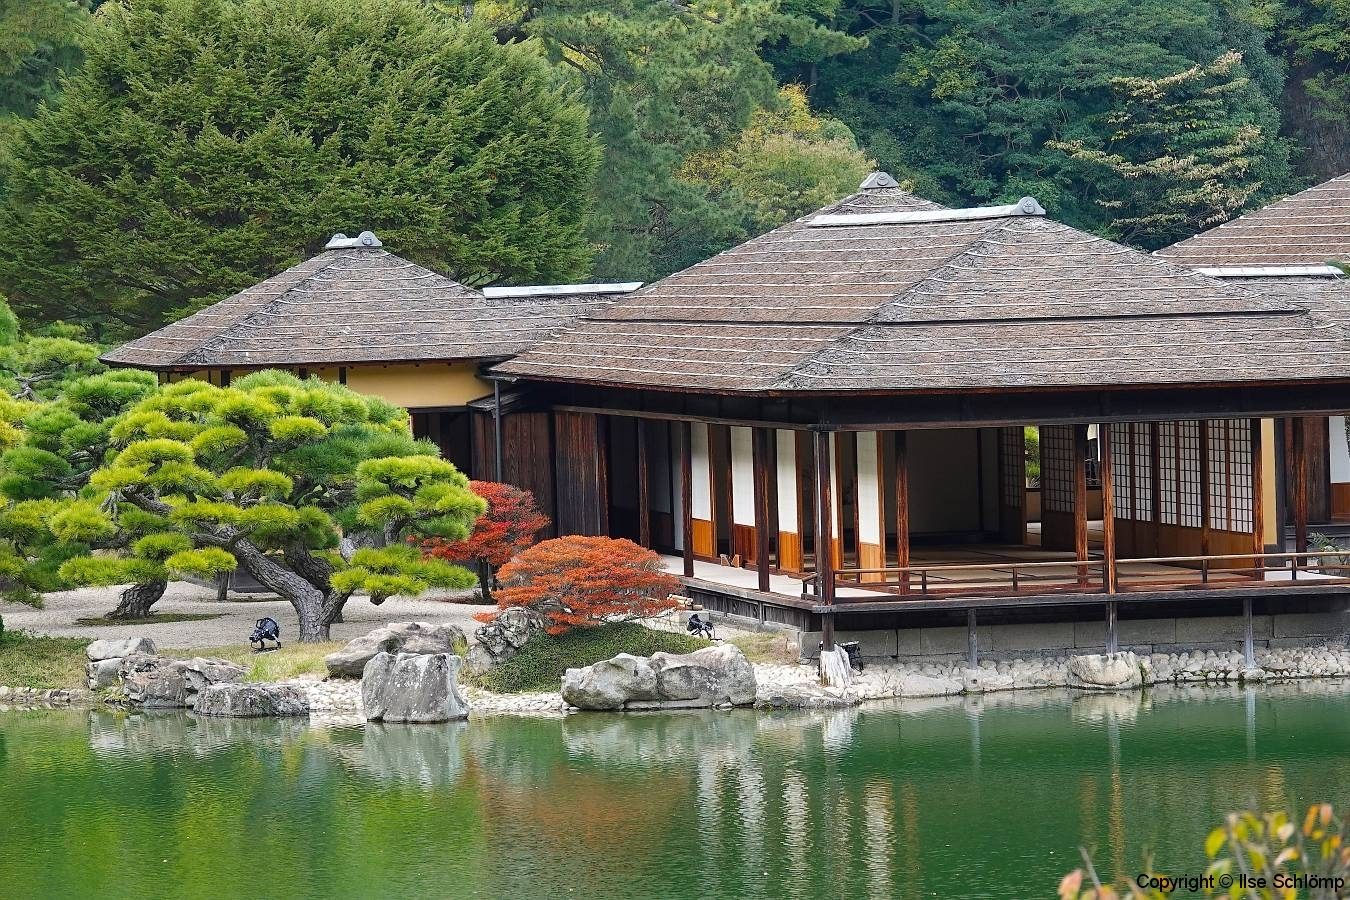 Japan, Takamatsu, Ritsurin-Koen Wandelgarten, Kikugetsu-Pavillon